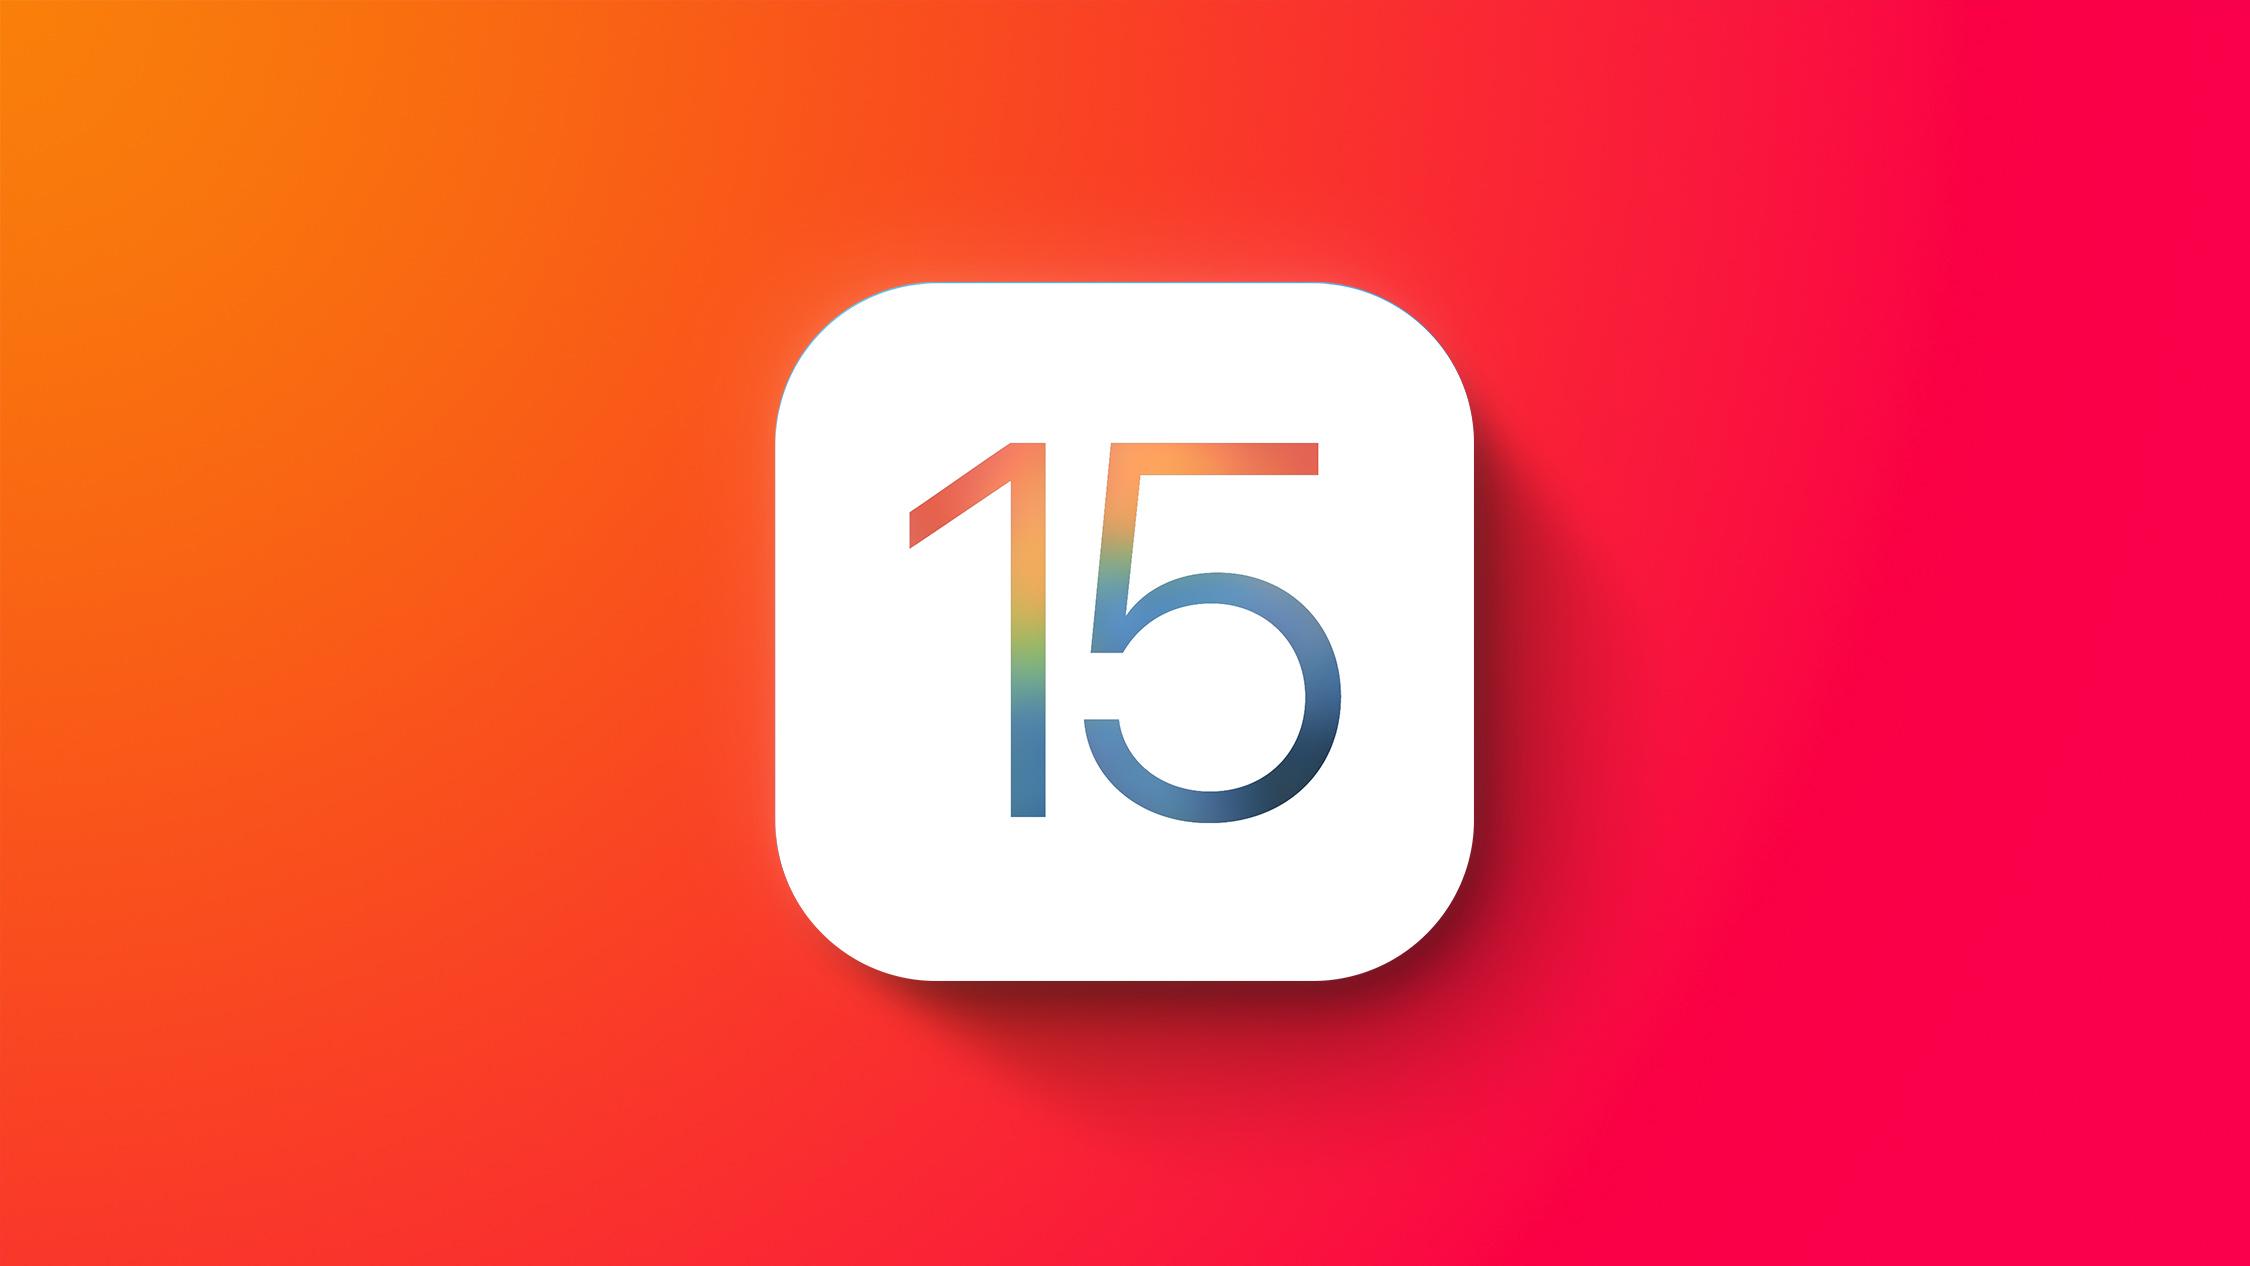 iOS 15 General Feature Red ORange